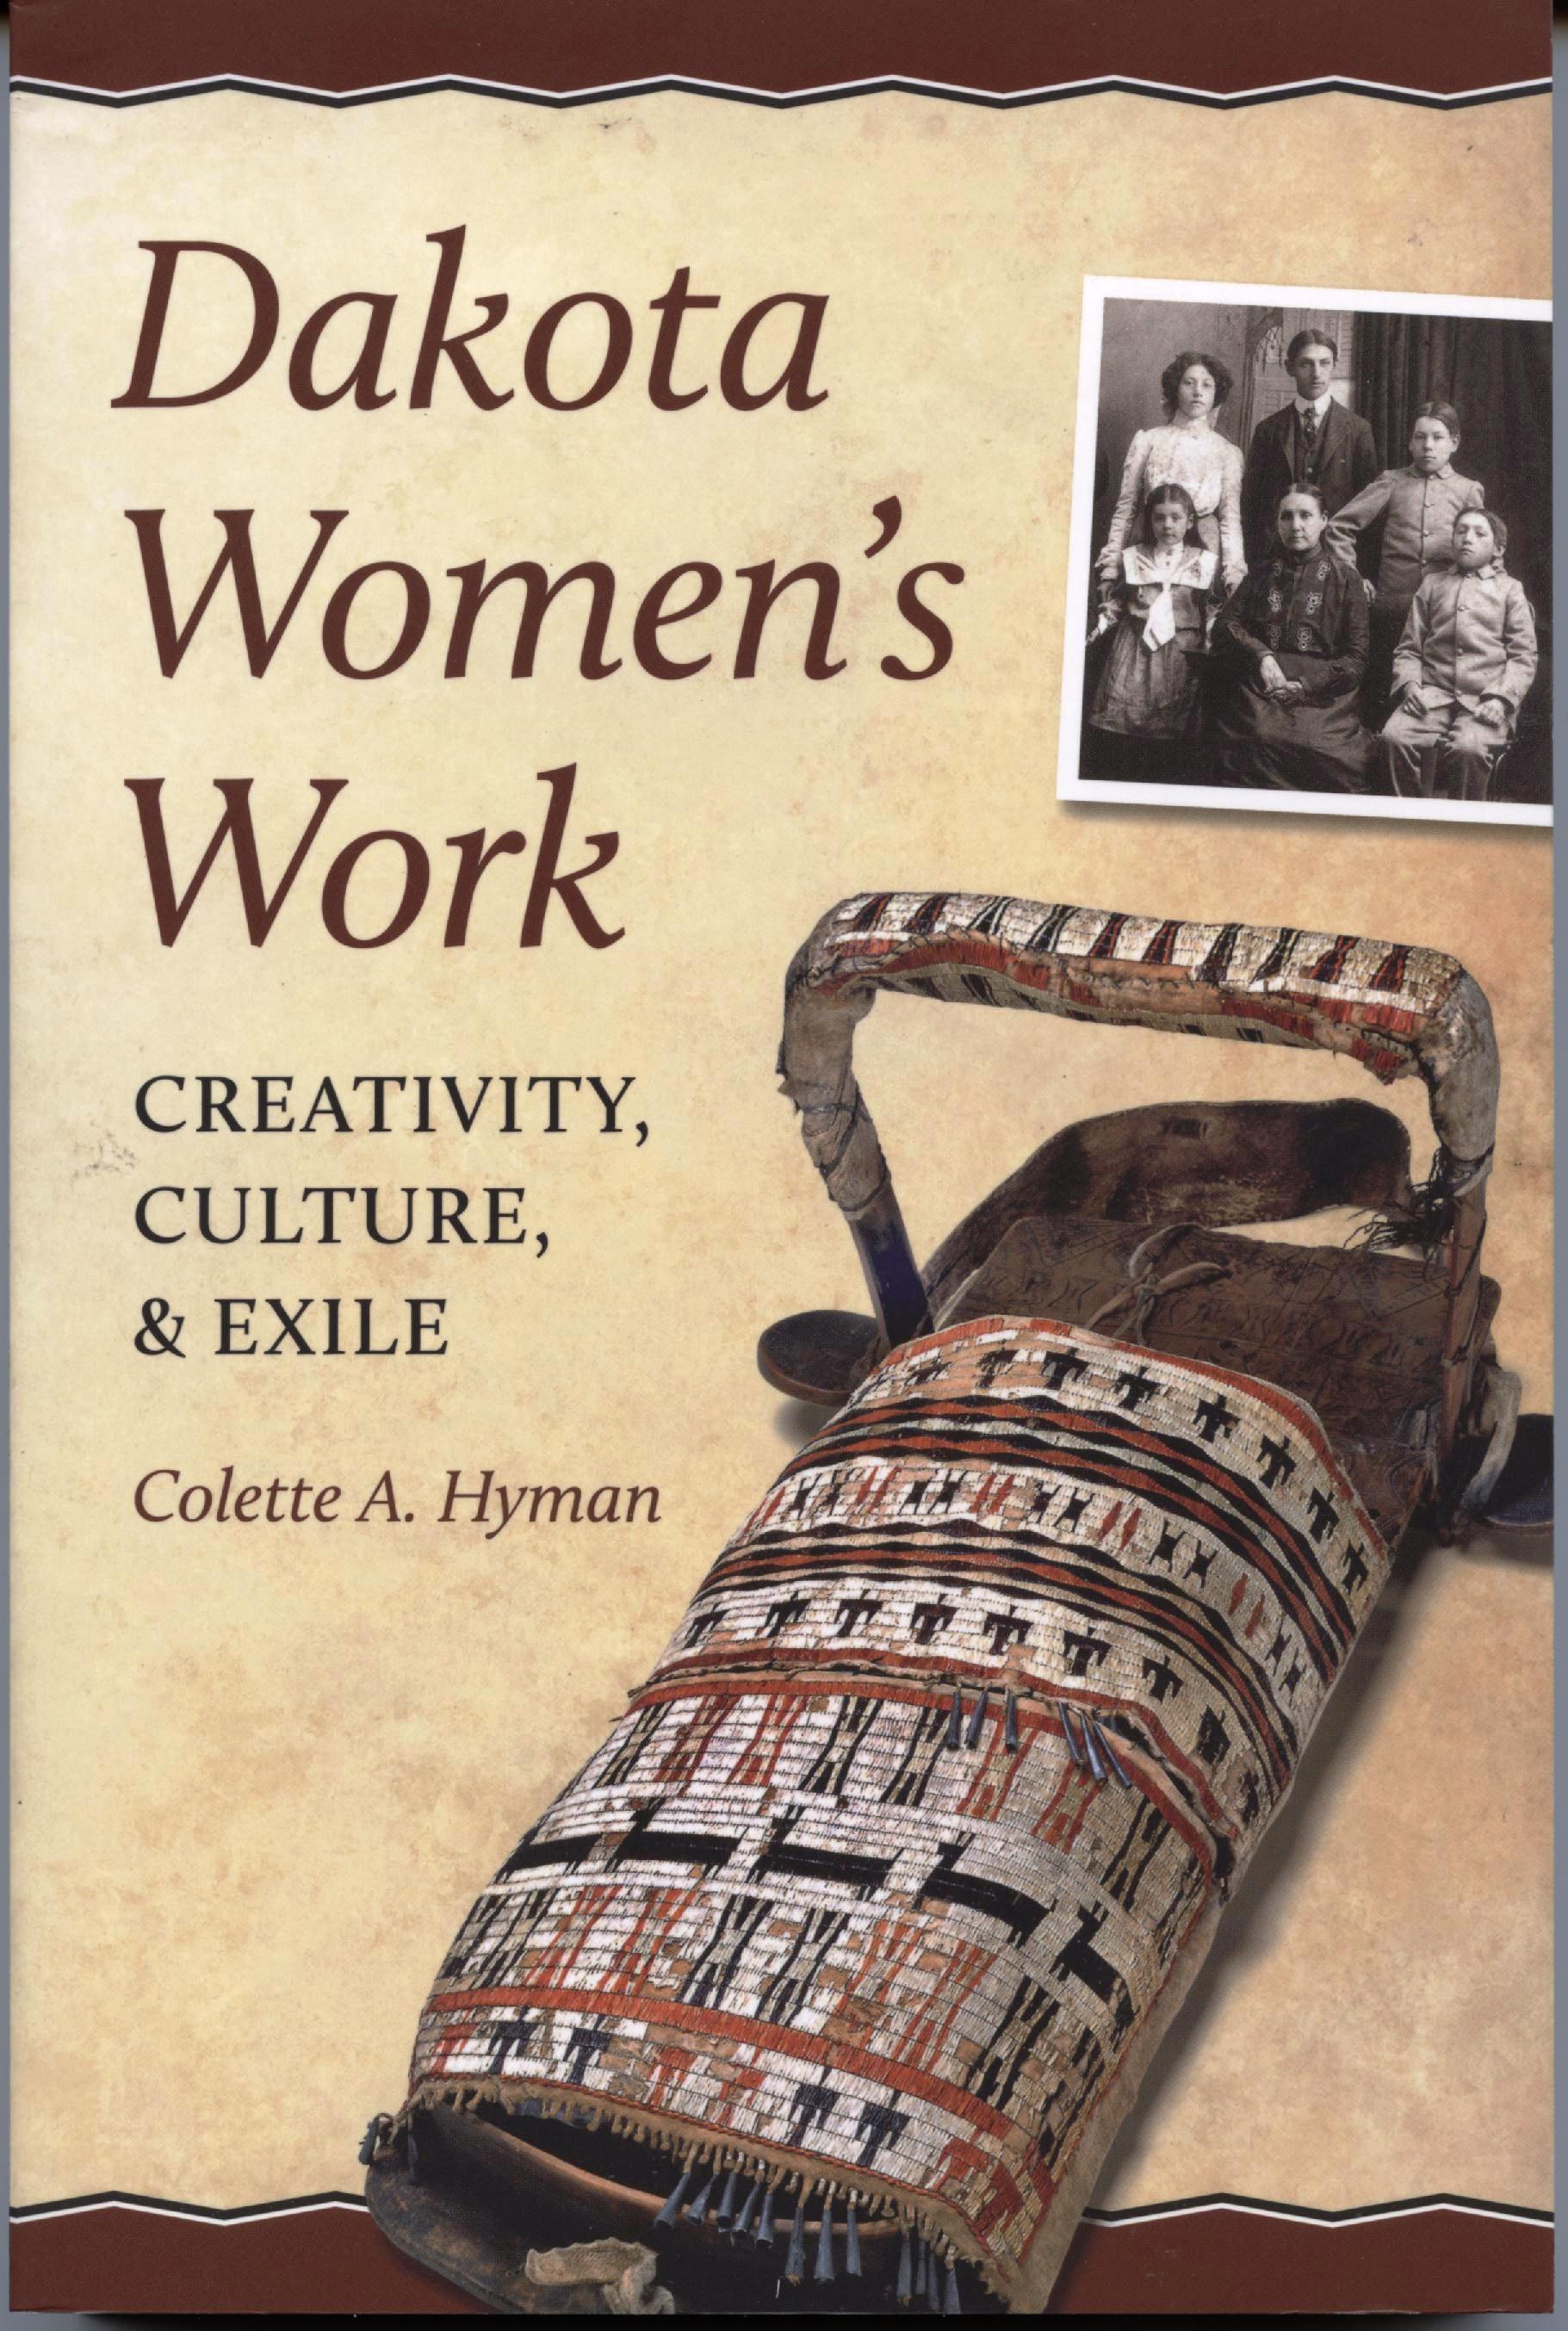 Dakota Women's Work 001.jpg